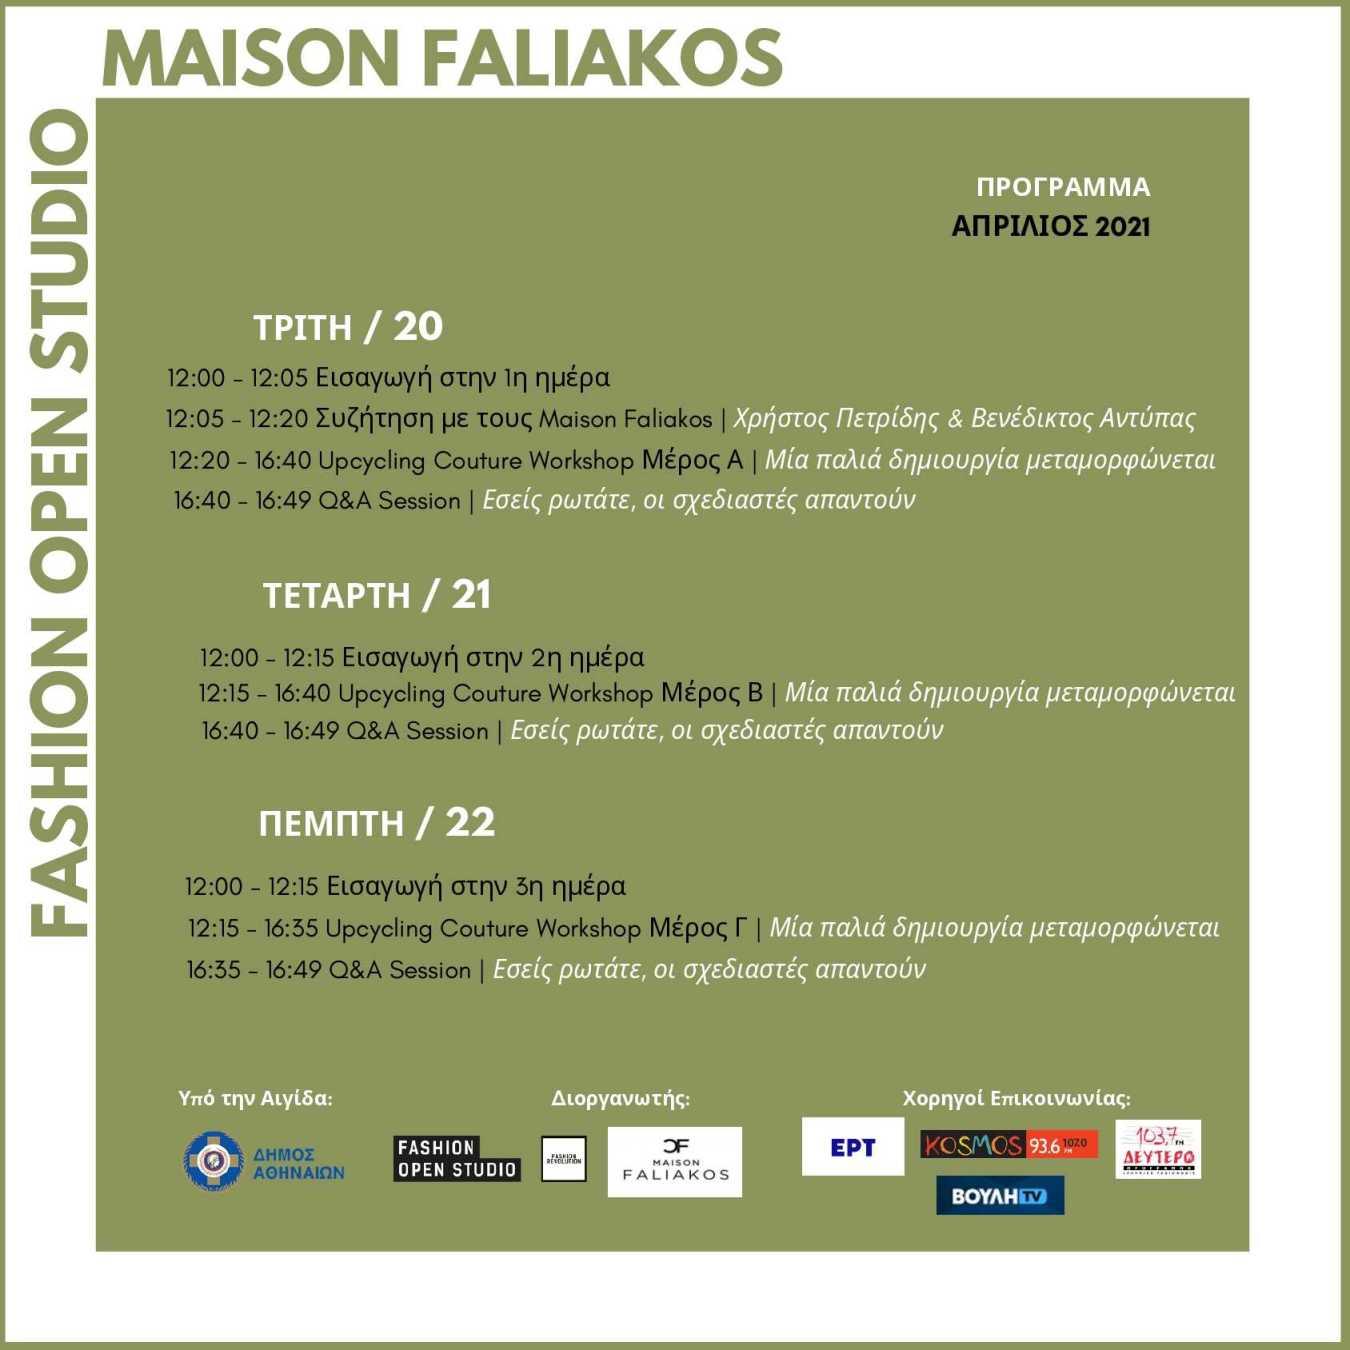 Το πρώτο ελληνικό Fashion Open Studio ανοίγει τις πόρτες του